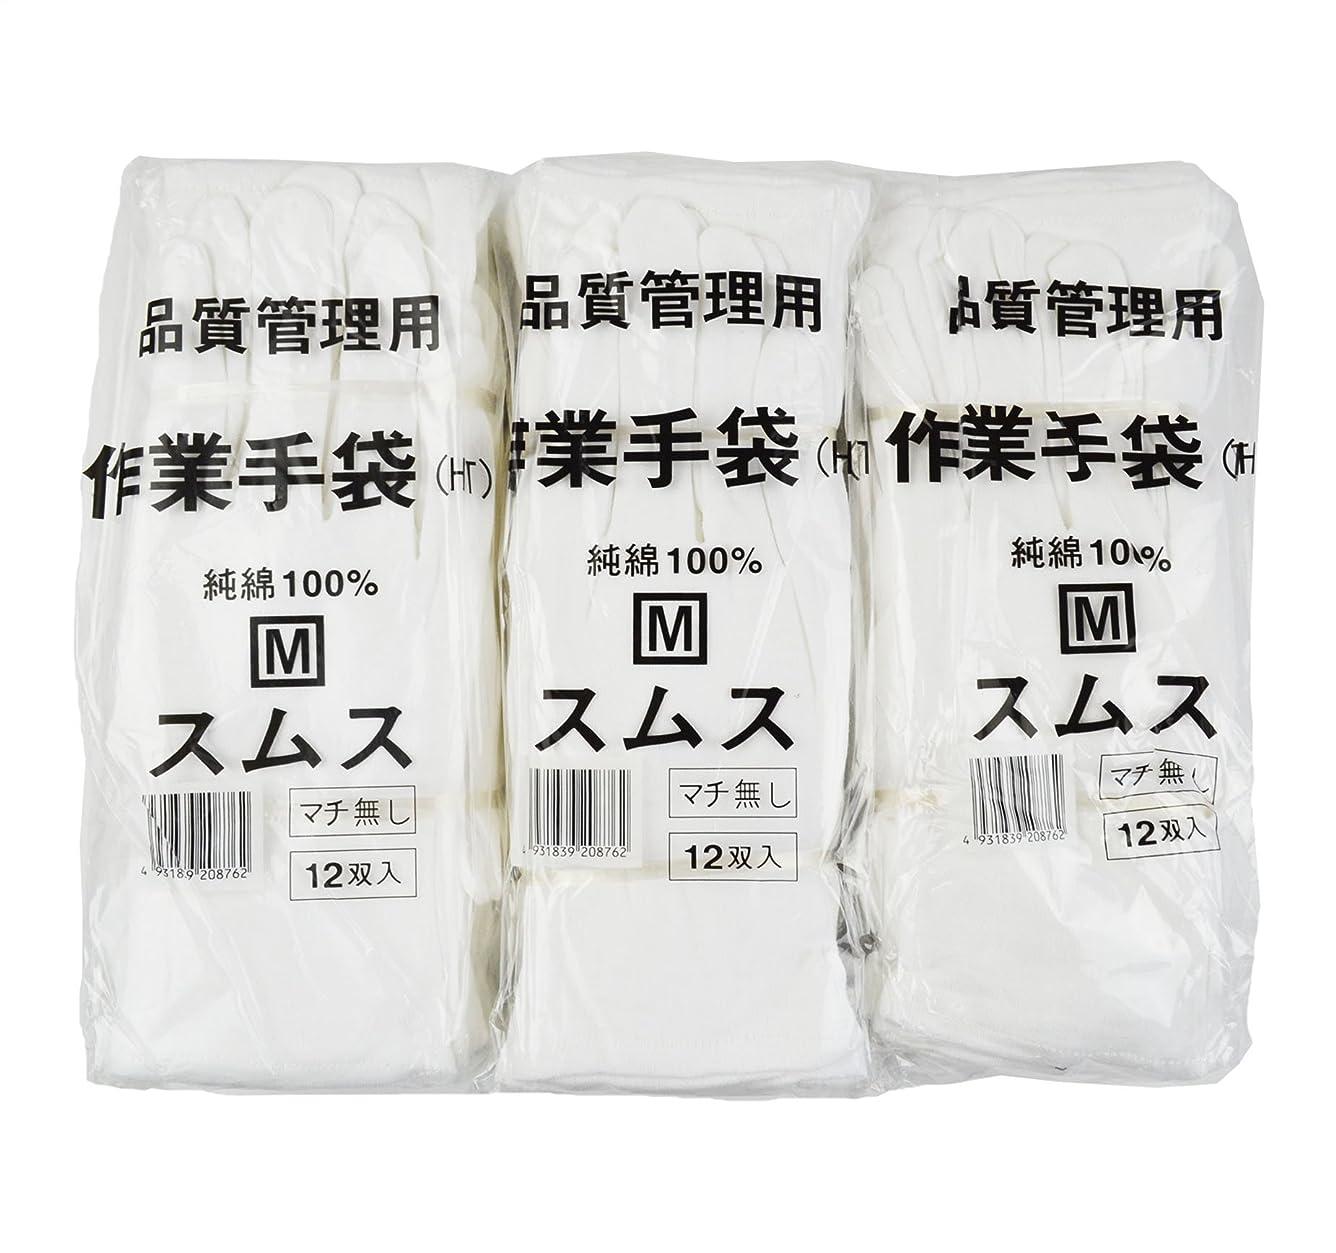 誤解する下向きキャリア【お得なセット売り】 (36双) 純綿100% スムス 手袋 Mサイズ 12双×3袋セット 多用途 作業手袋 101116